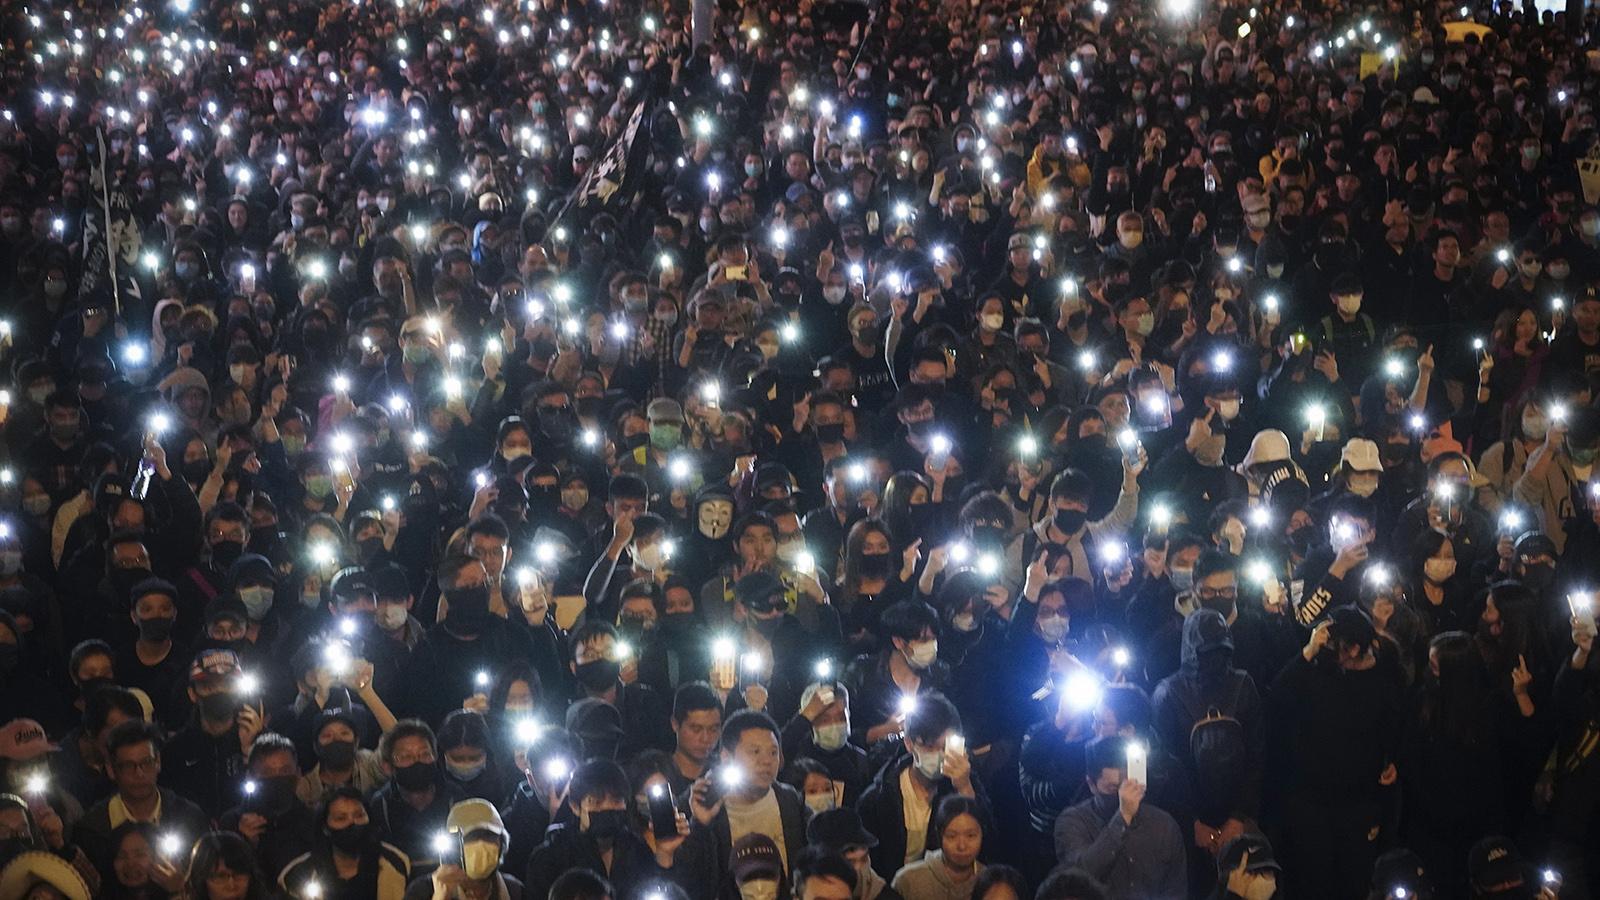 """香港反送中运动届满半年之际,12月8日,世界人权日前夕,有80万香港人走上街头,持续表达""""五大诉求、缺一不可""""的坚持。(美联社)"""